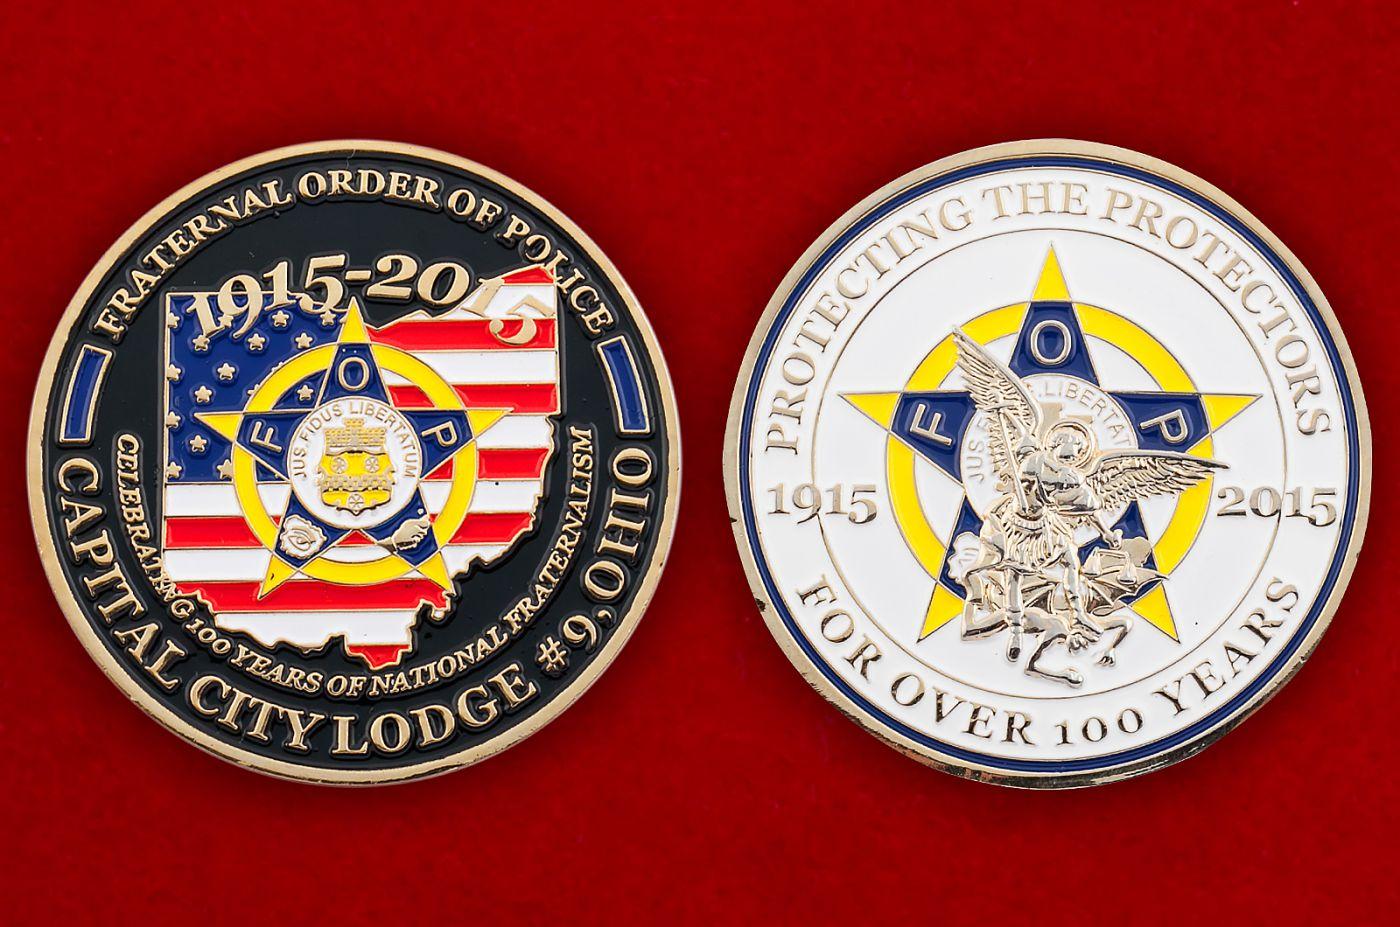 Челлендж коин профсоюзной организации сотрудников полиции штата Огайо - аверс и реверс